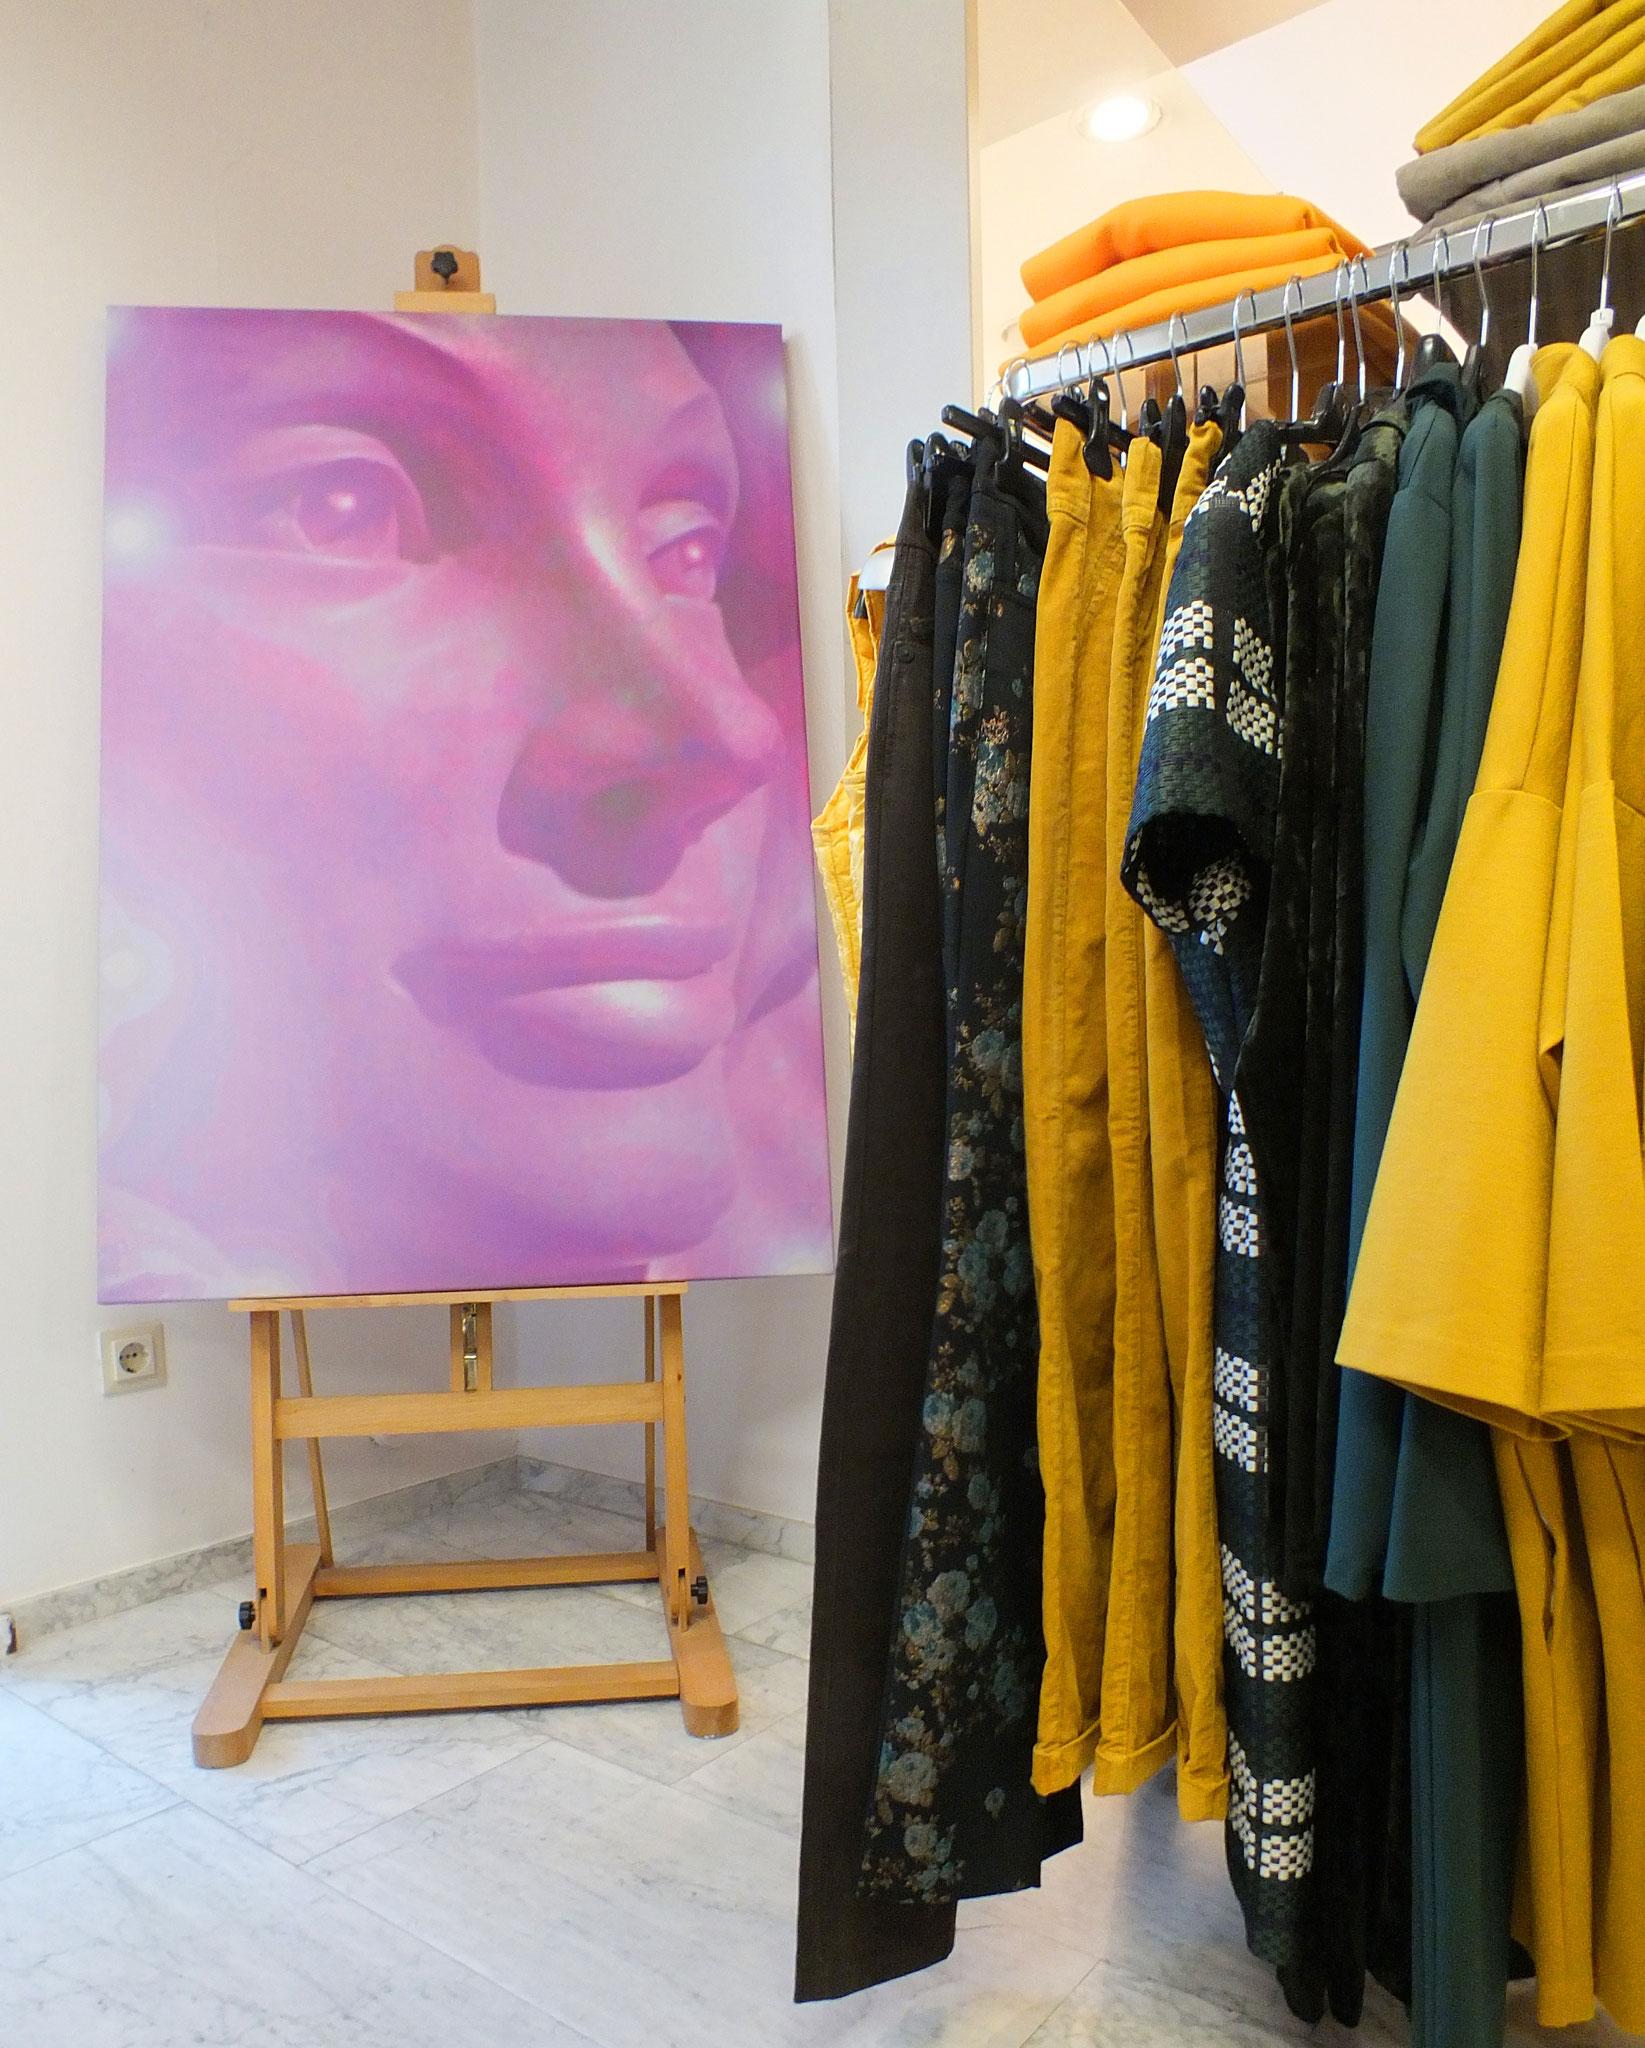 Lichtkraft-Kunstdruck auf Künstler-Leinwand * 120 x 80 x 4 cm